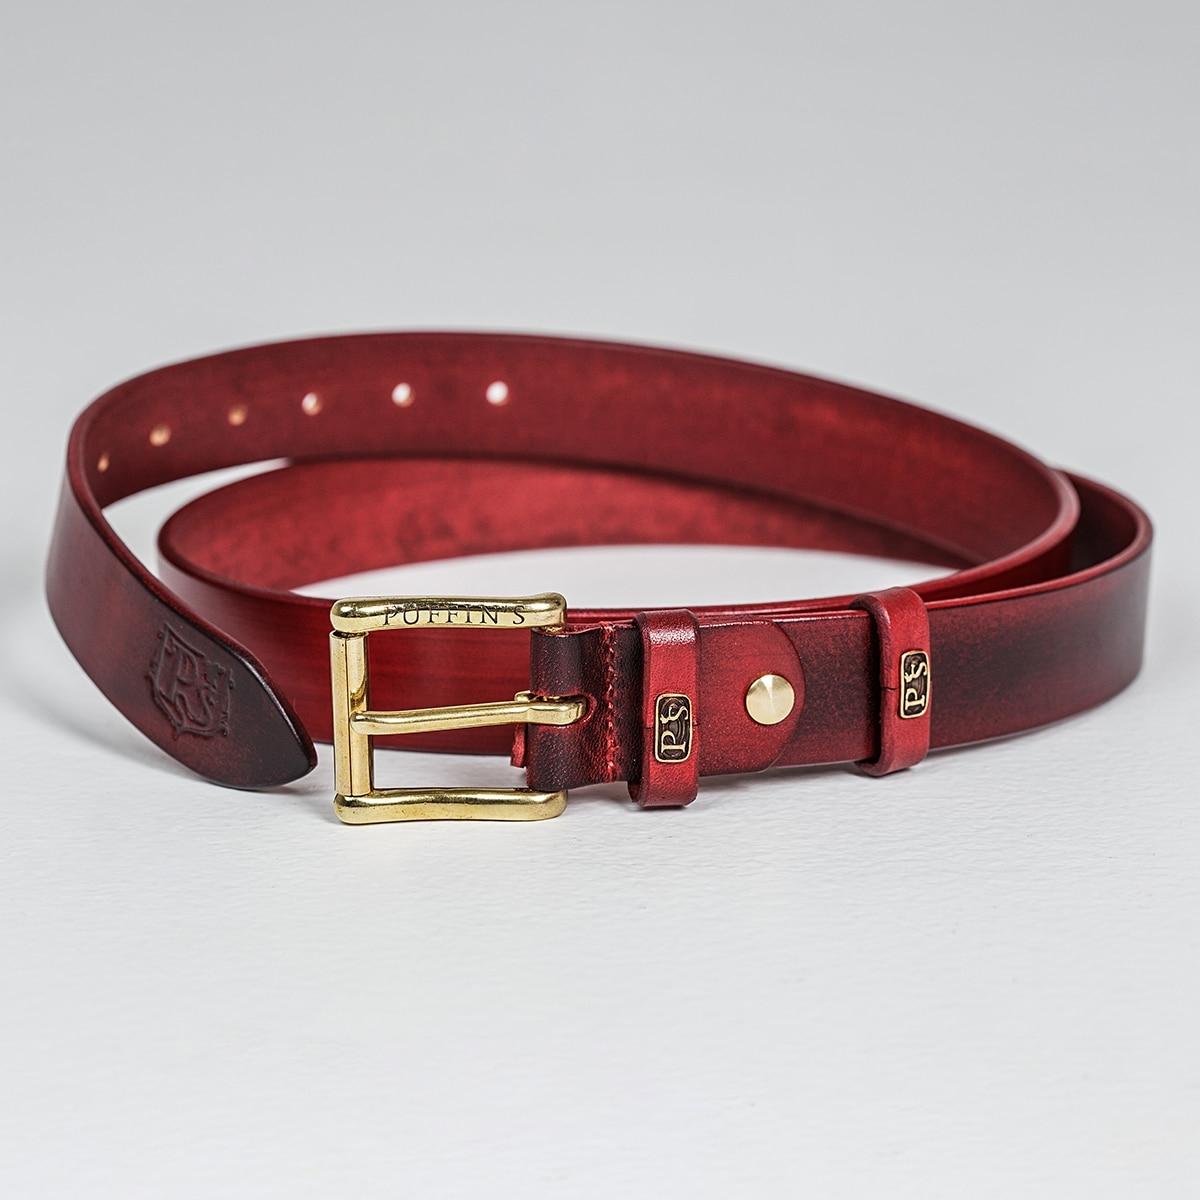 Традиционный ремень шириной 32 мм с латунной пряжкой красная смородина